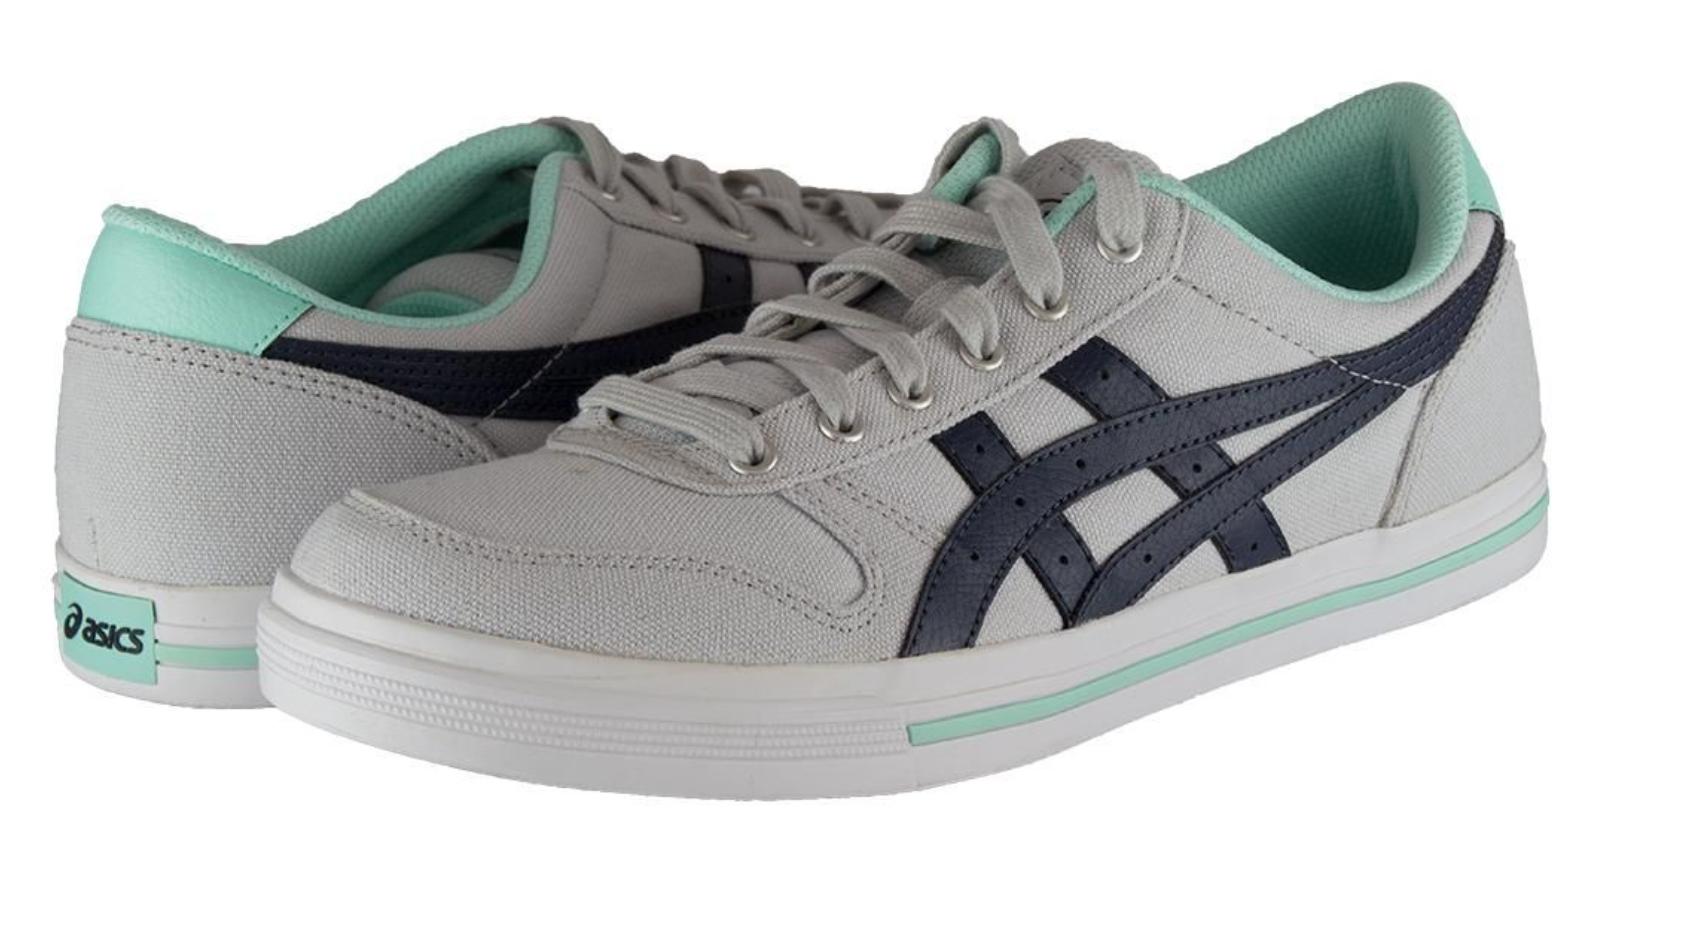 Sneaker-Sale bei Top12: Asics für 19,12€, Puma für 20,12€, Lotto für 18,12€